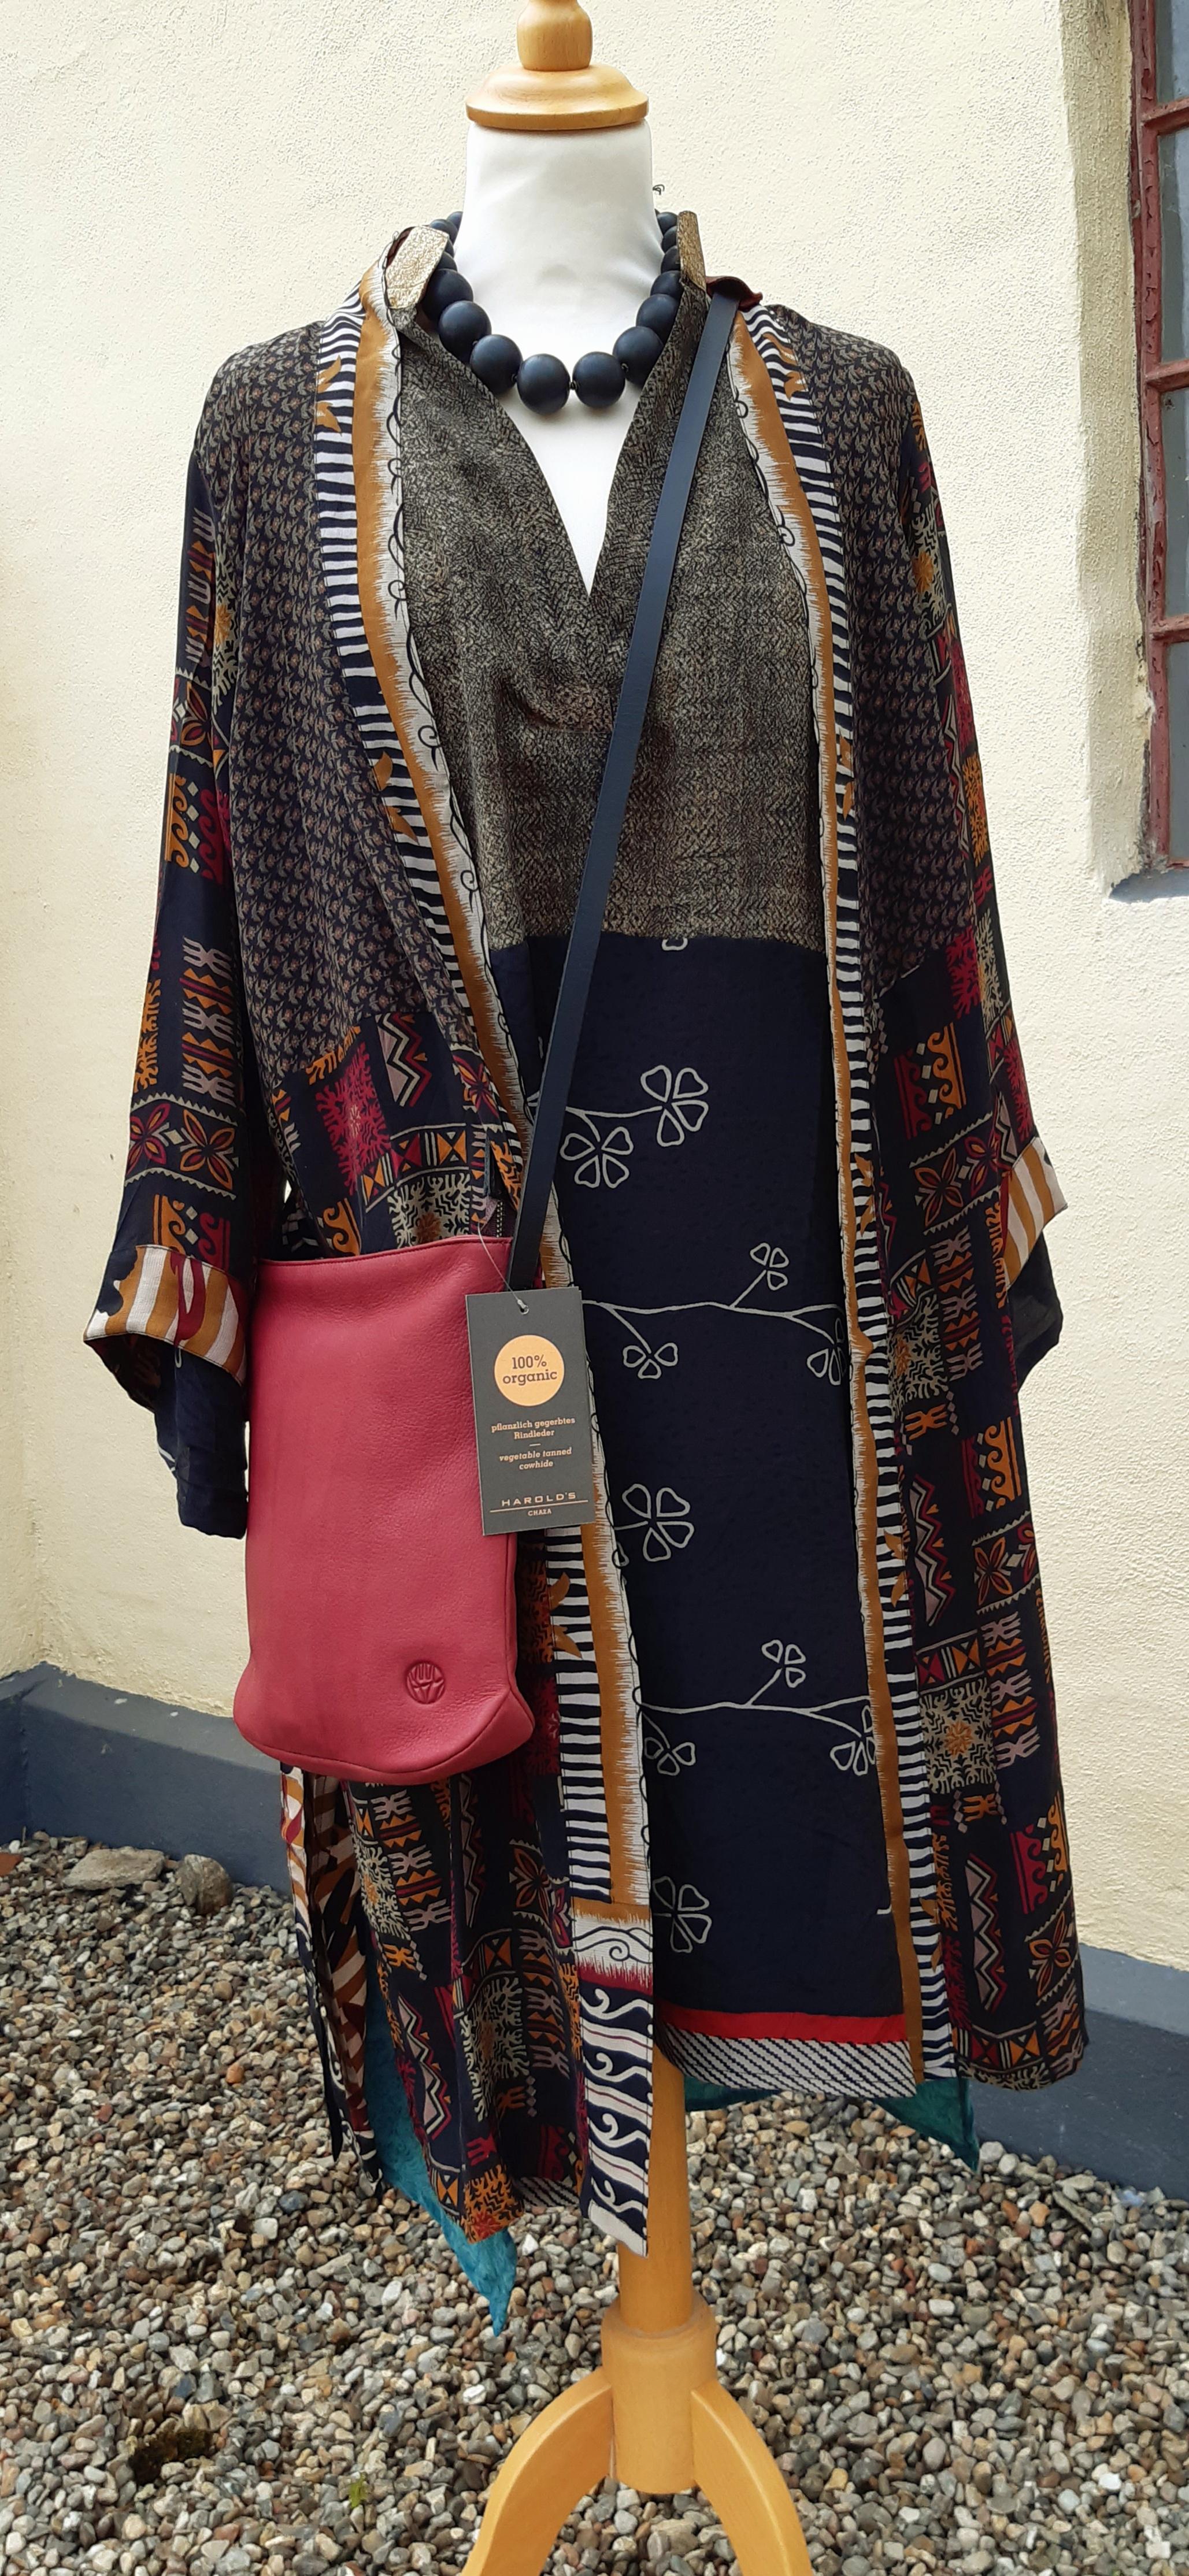 Kimono kr.849,- Taske fra harolds kr.869,-